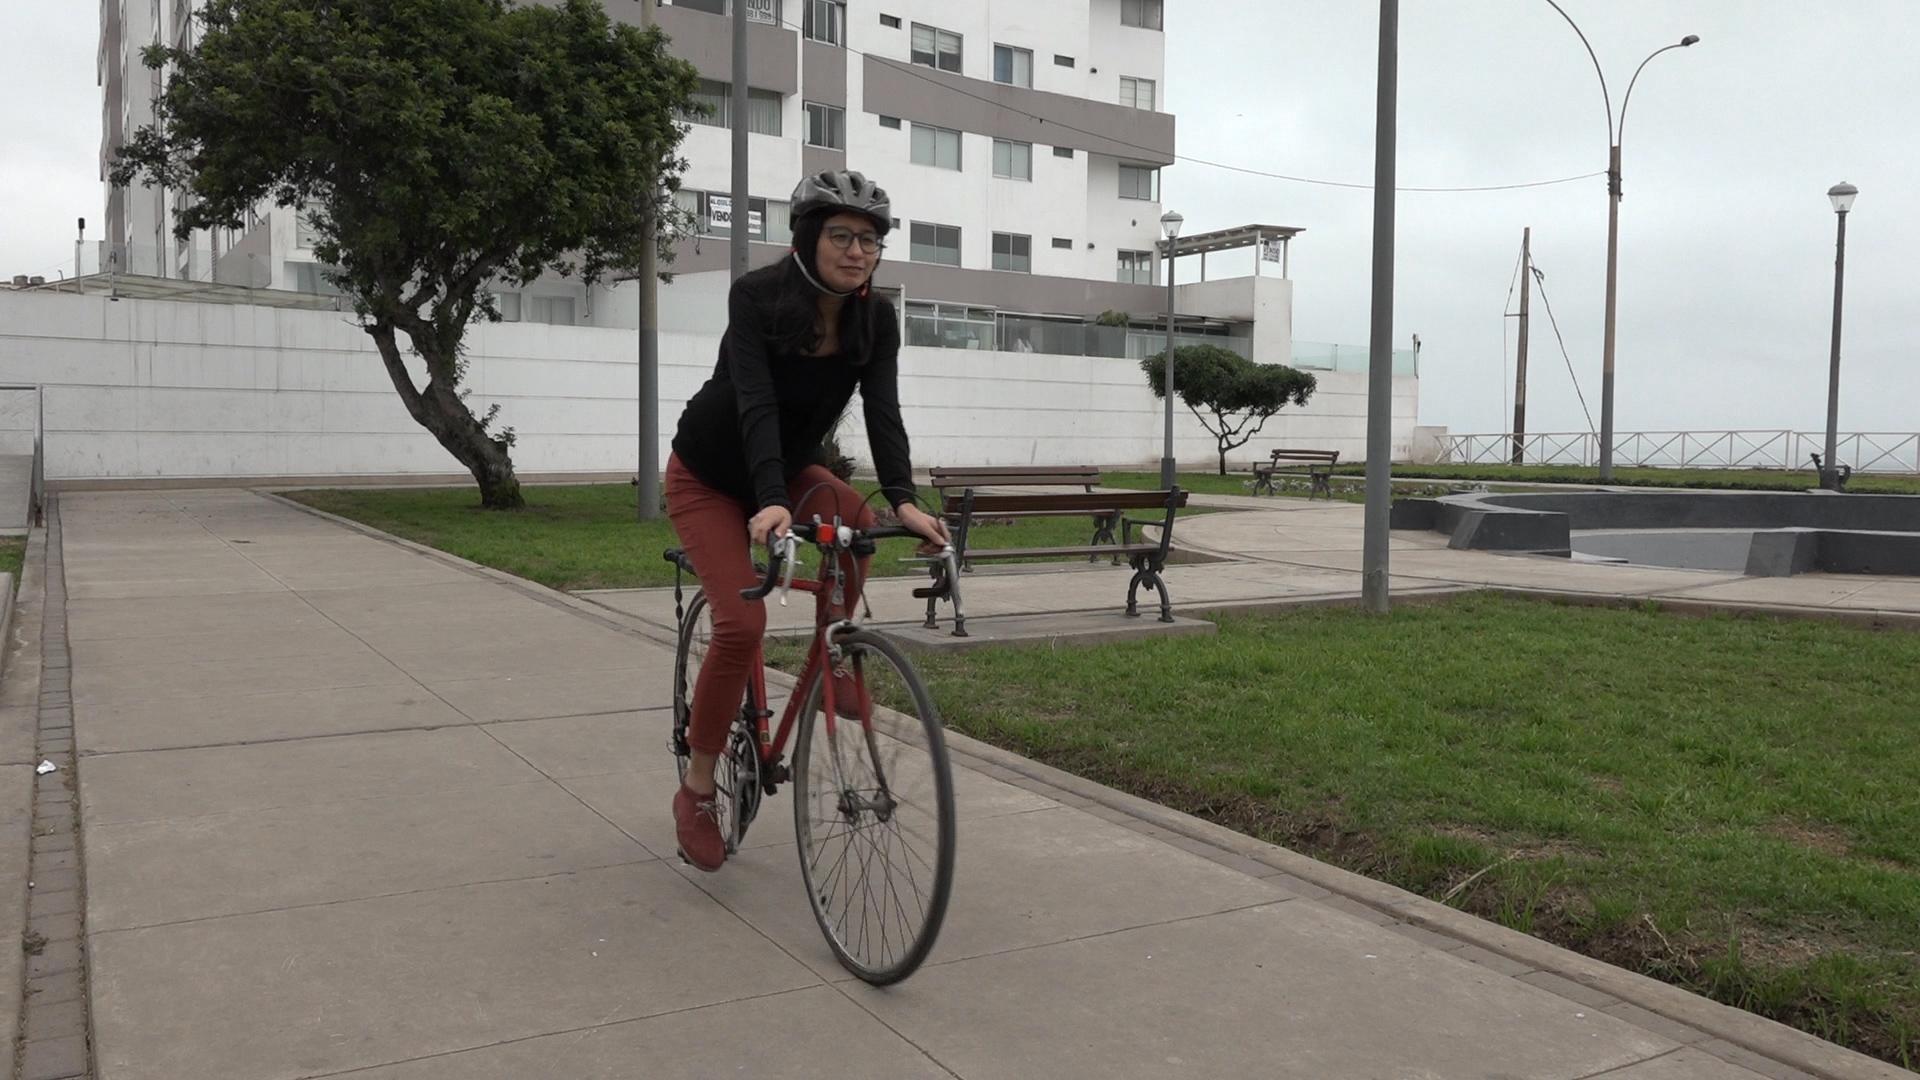 Día Mundial sin coche: conoce los beneficios de andar en bicicleta | Video